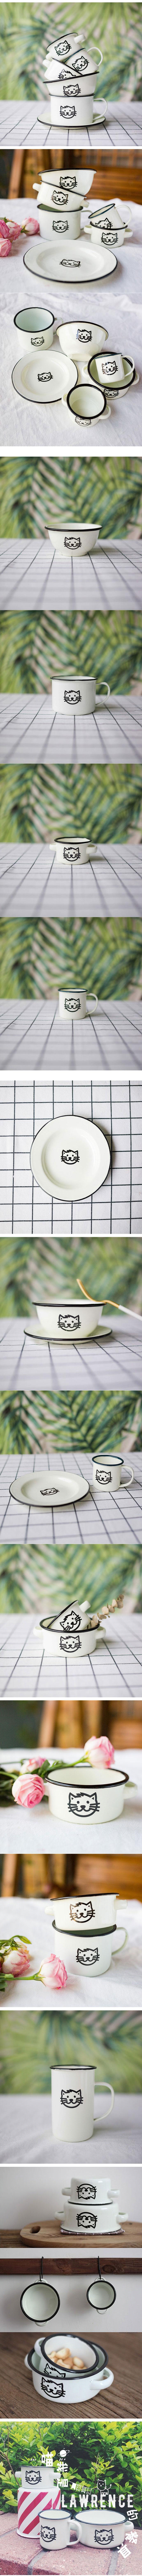 原来是泥 日式 萌物猫陶瓷杯